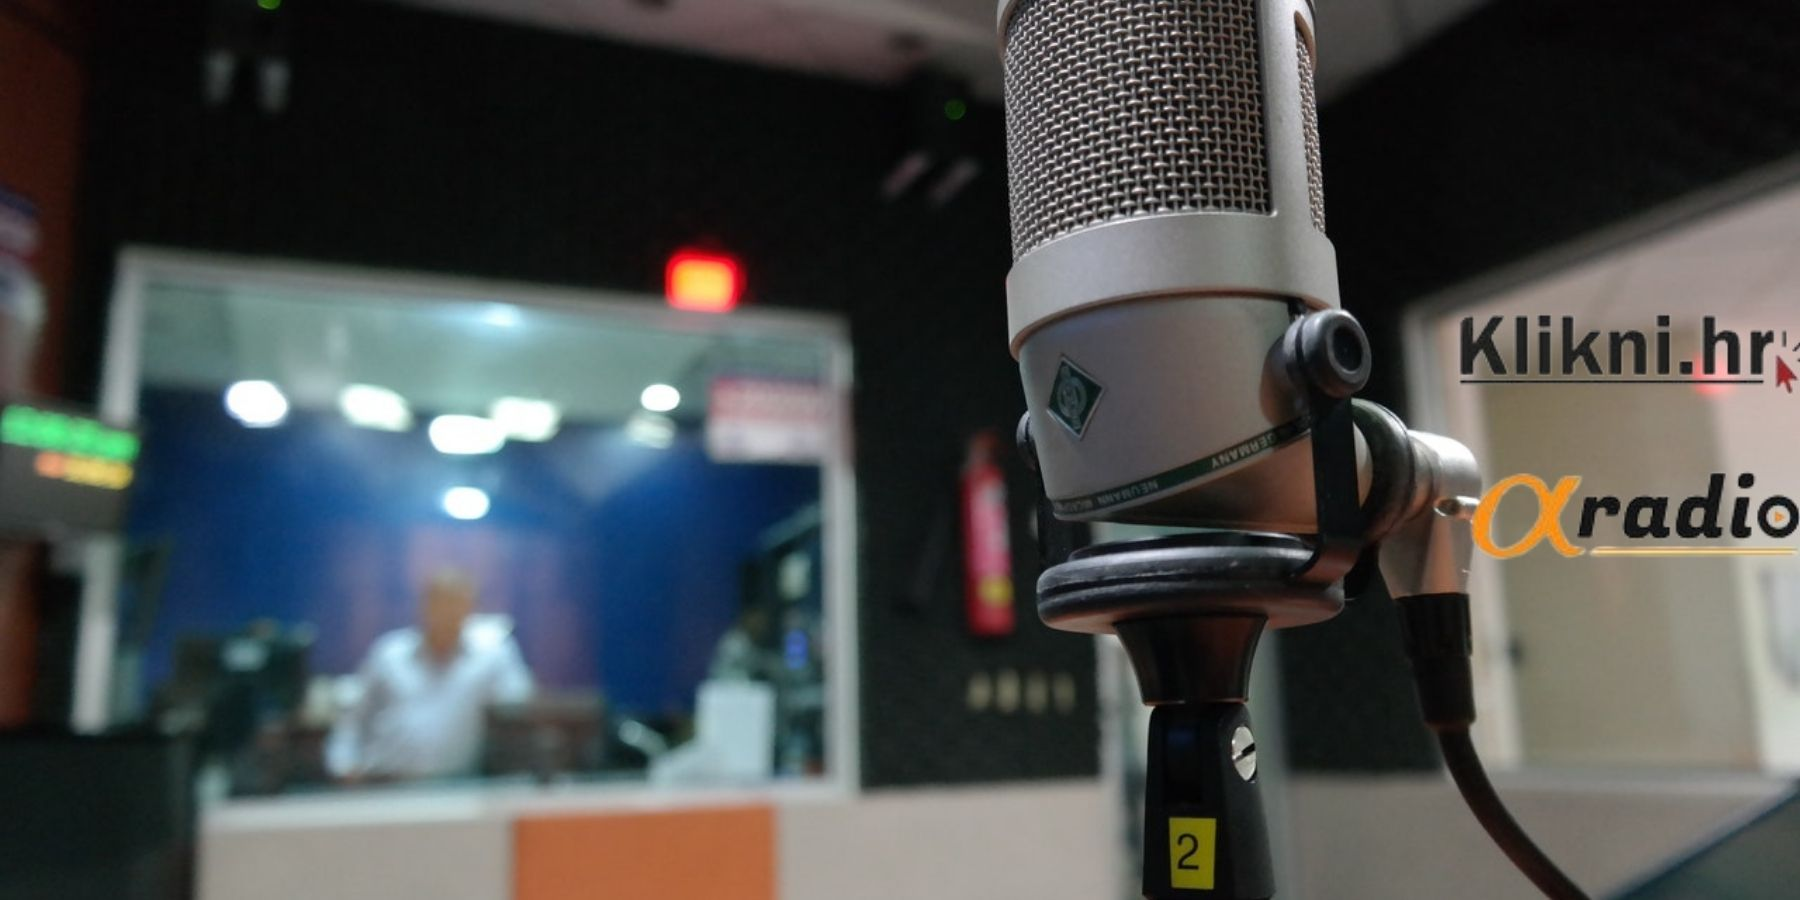 Ne propustite sučeljavanja kandidata na Alfa radiju i portalu Klikni.hr, uključite se u kreiranje rasprave!